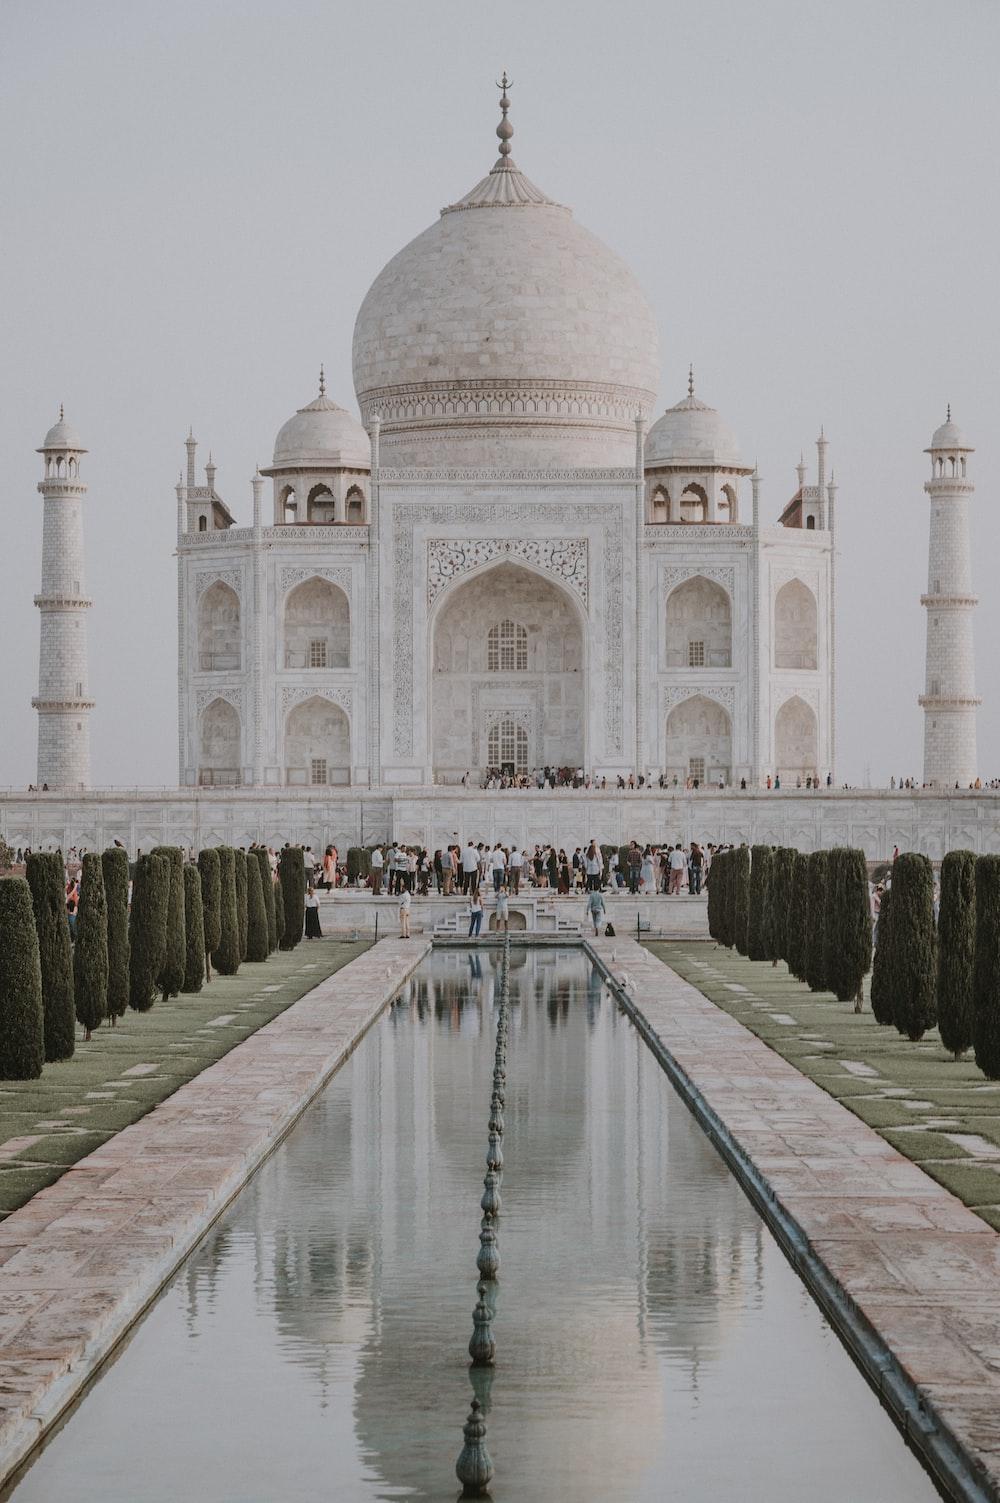 people gathering in Taj Mahal at India during daytime